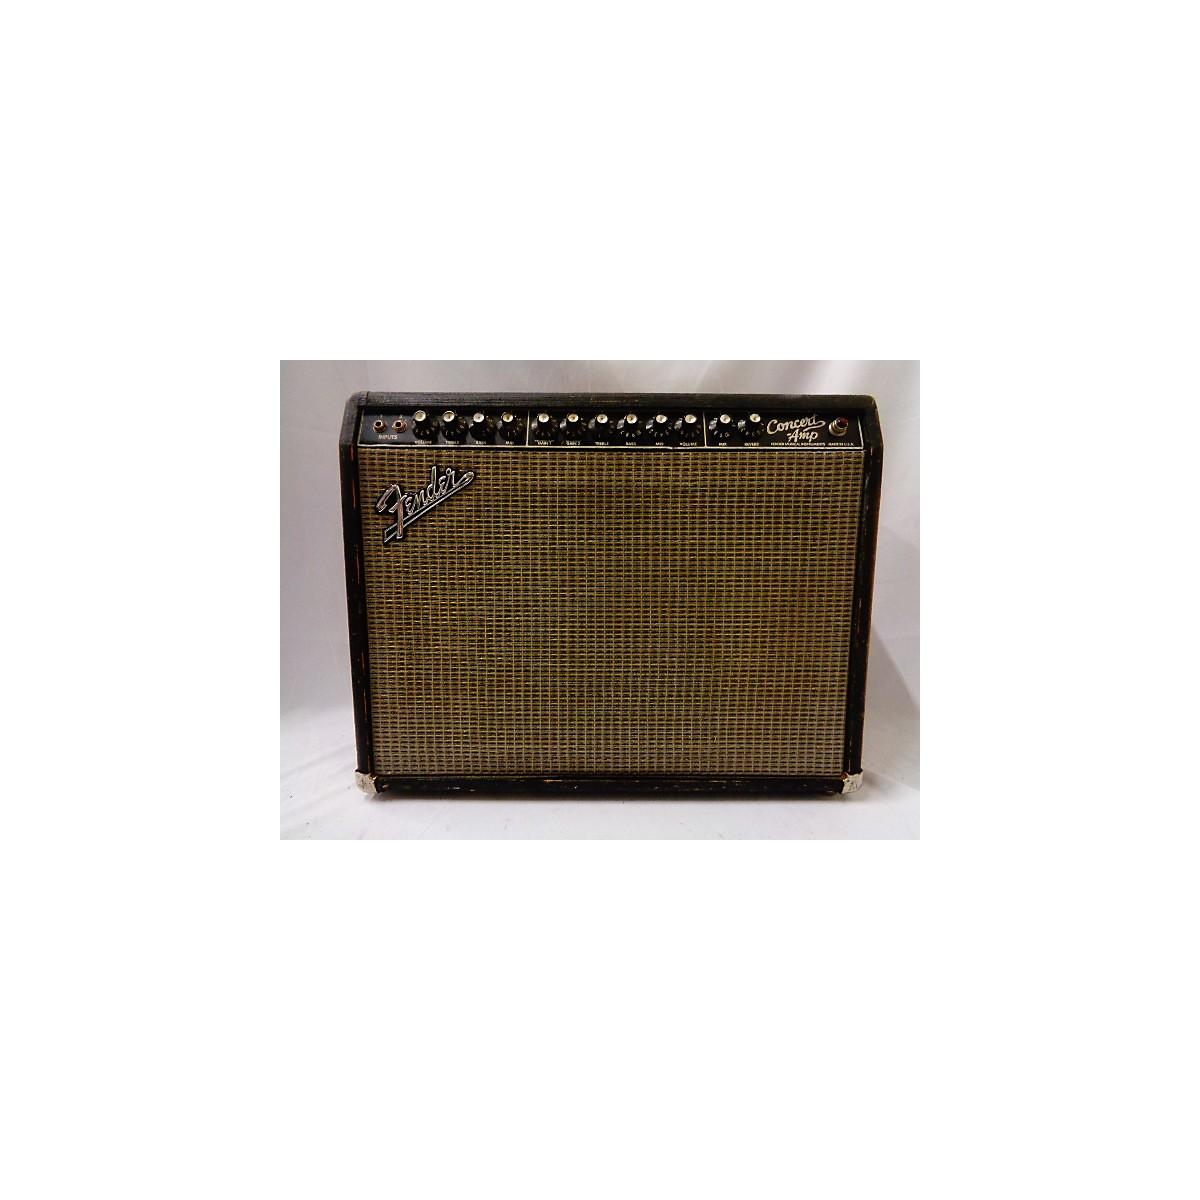 Fender 1994 Concert Amp Tube Guitar Combo Amp